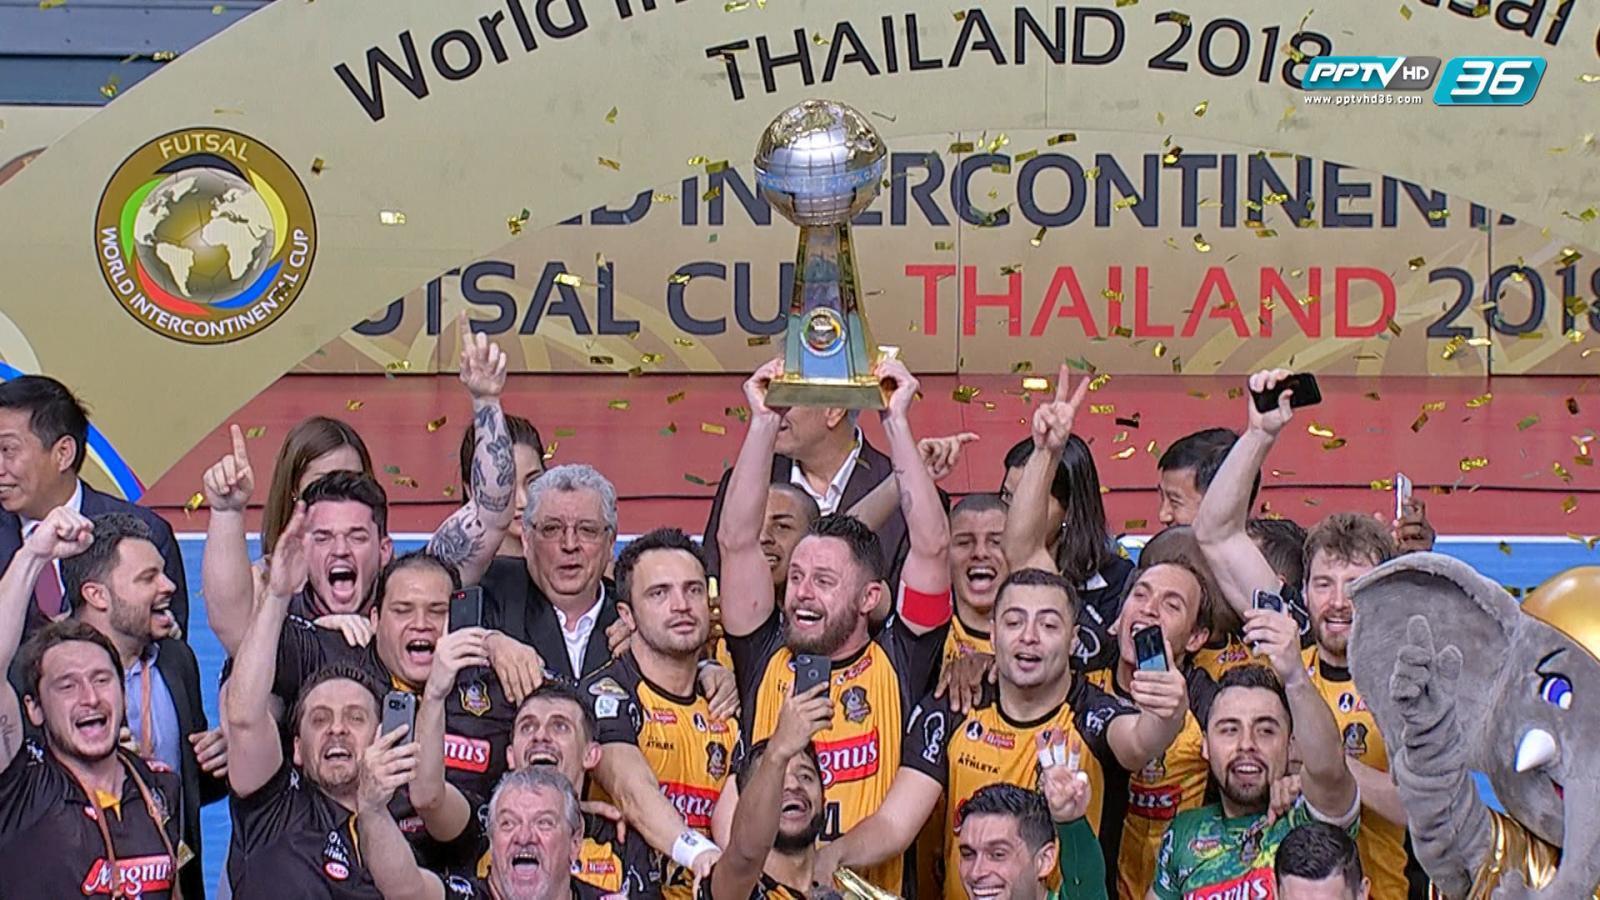 แมกนัส ฟุตซอล โชว์ฟอร์มเก่งเอาชนะ คาร์ลอส บาร์โบซ่า 2-0 คว้าแชมป์ฟุตซอลโลกสมัย 2